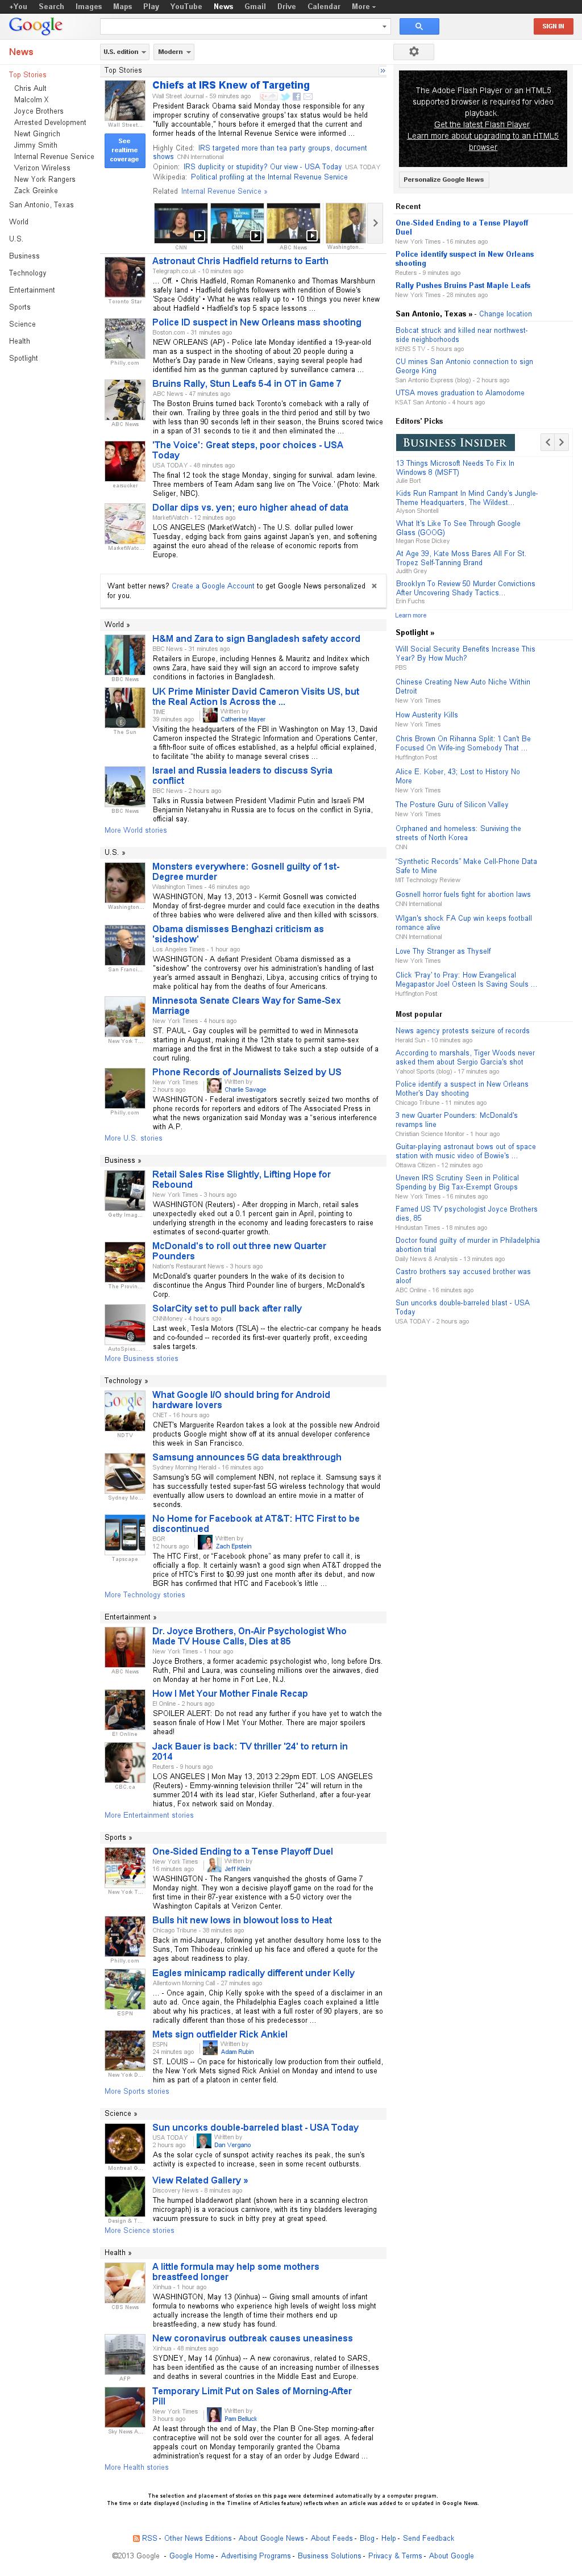 Google News at Tuesday May 14, 2013, 4:08 a.m. UTC